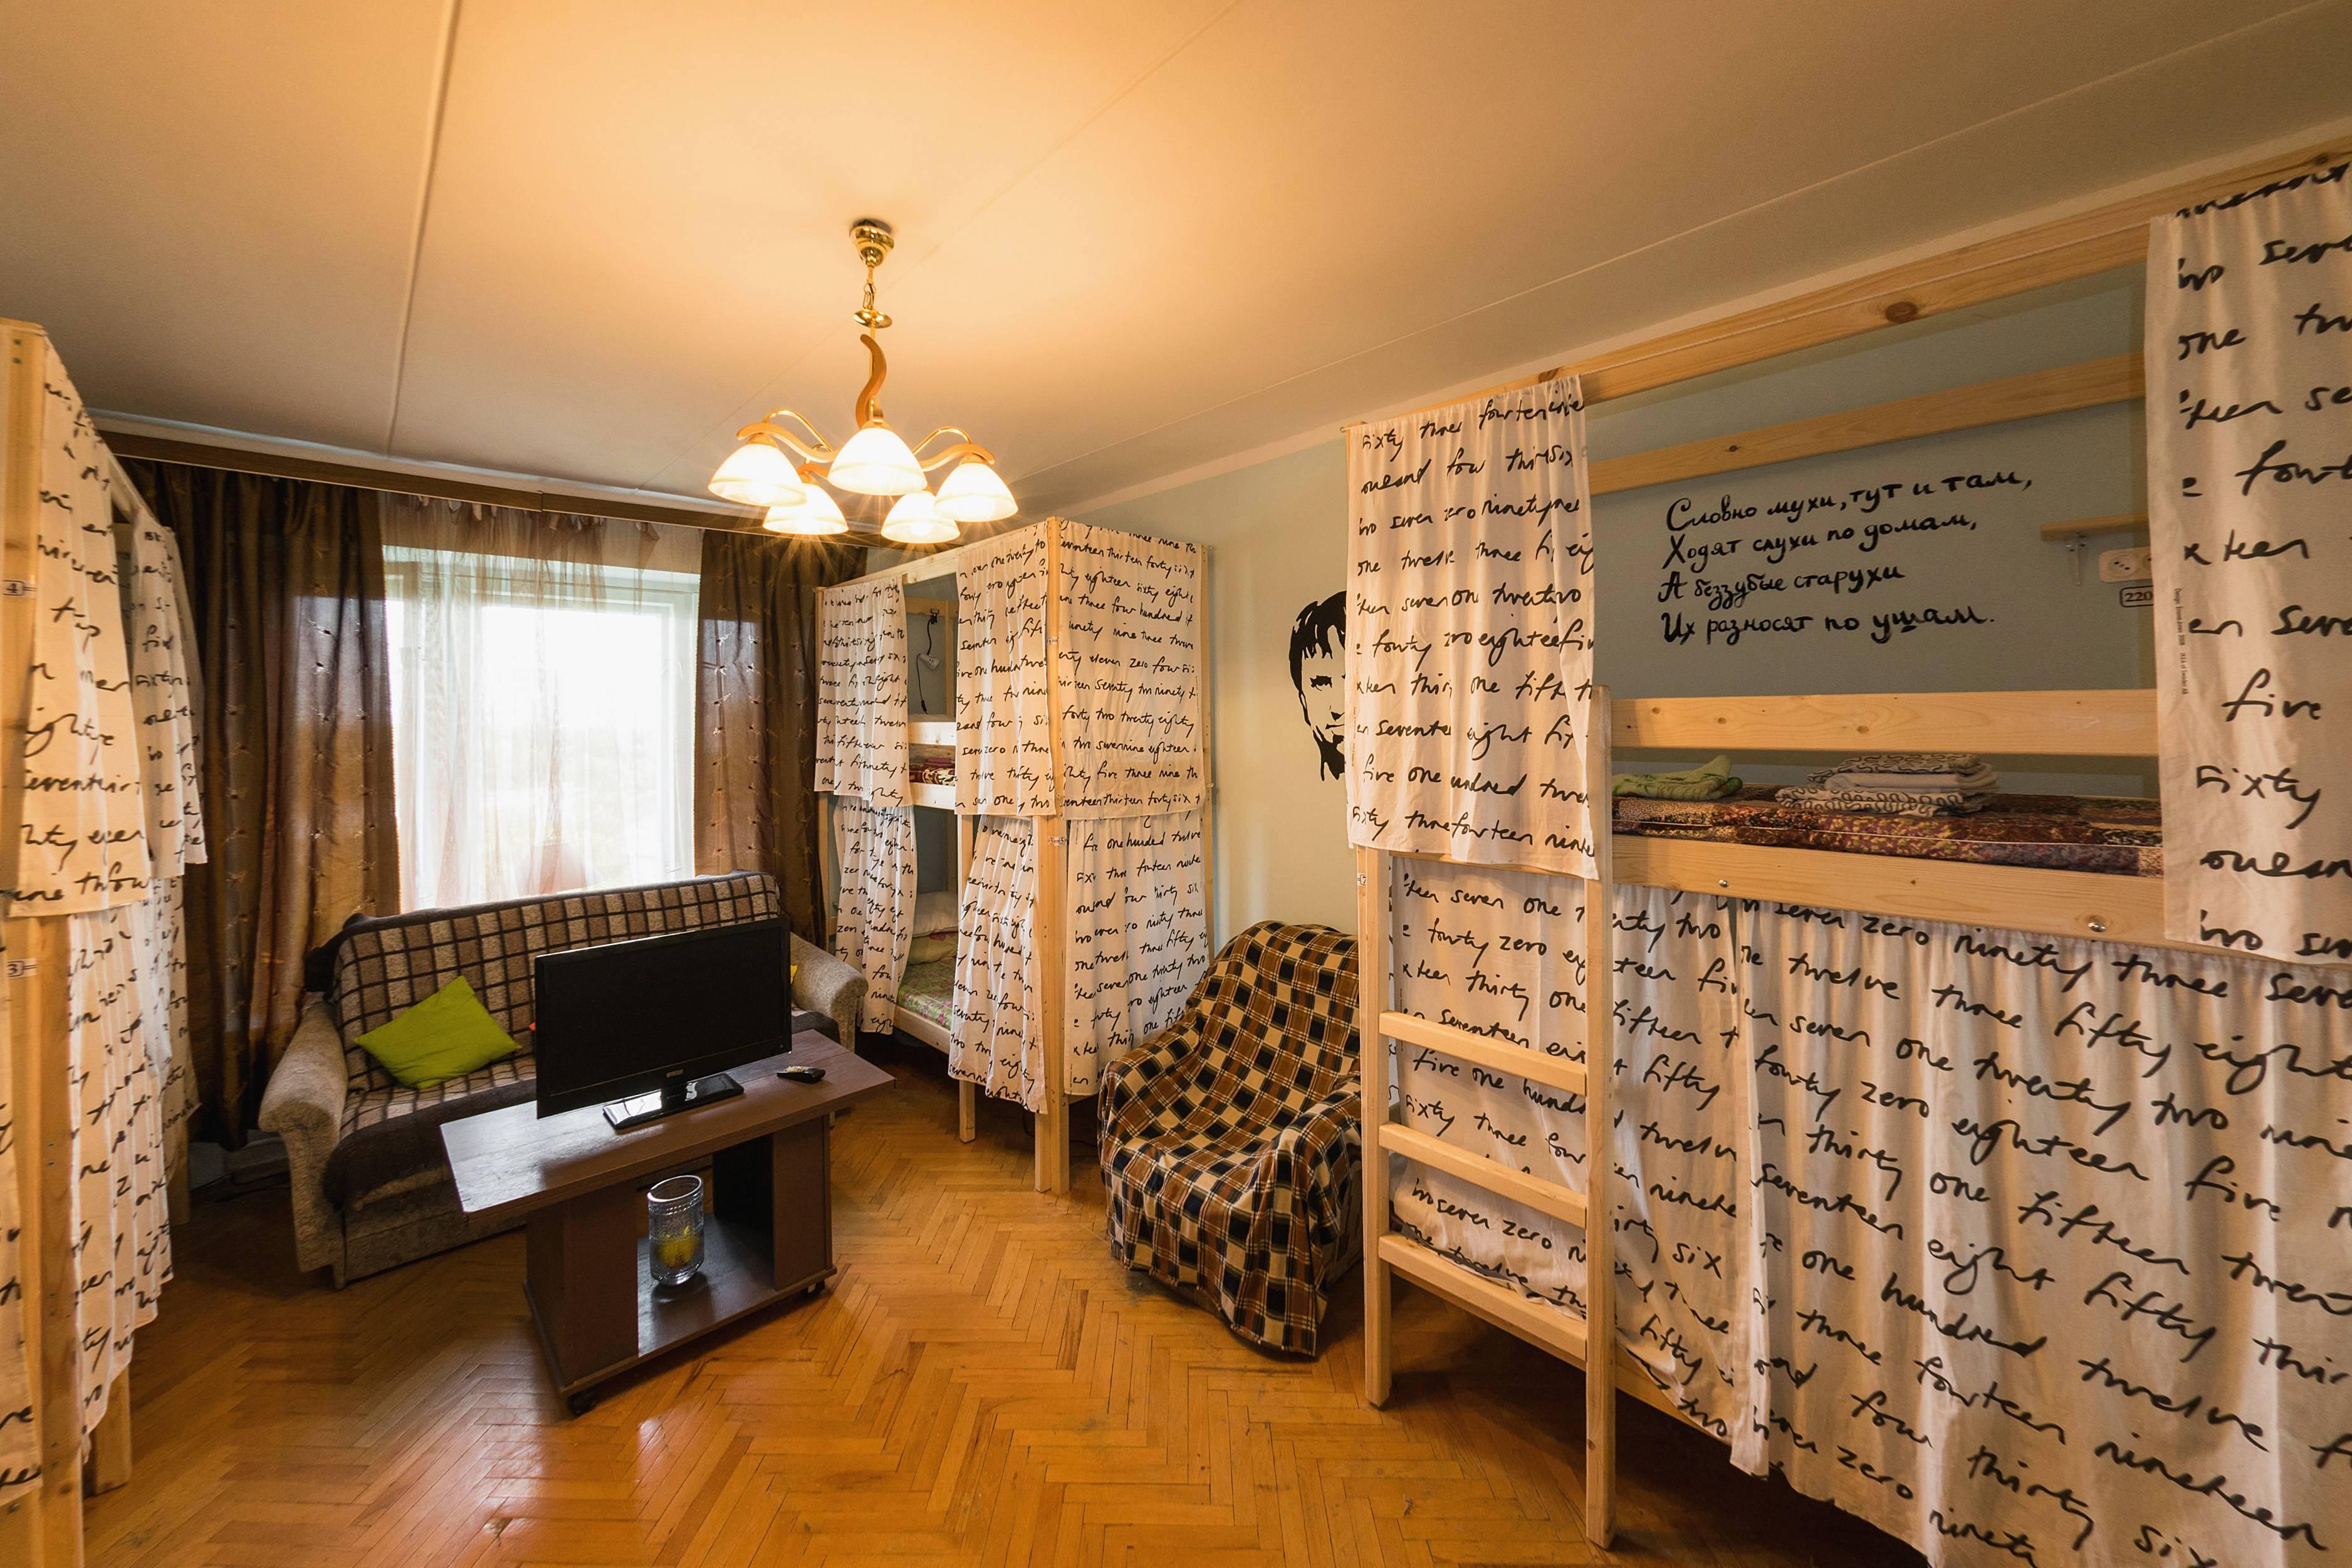 Более 50 хостелов закрыли в Москве за год